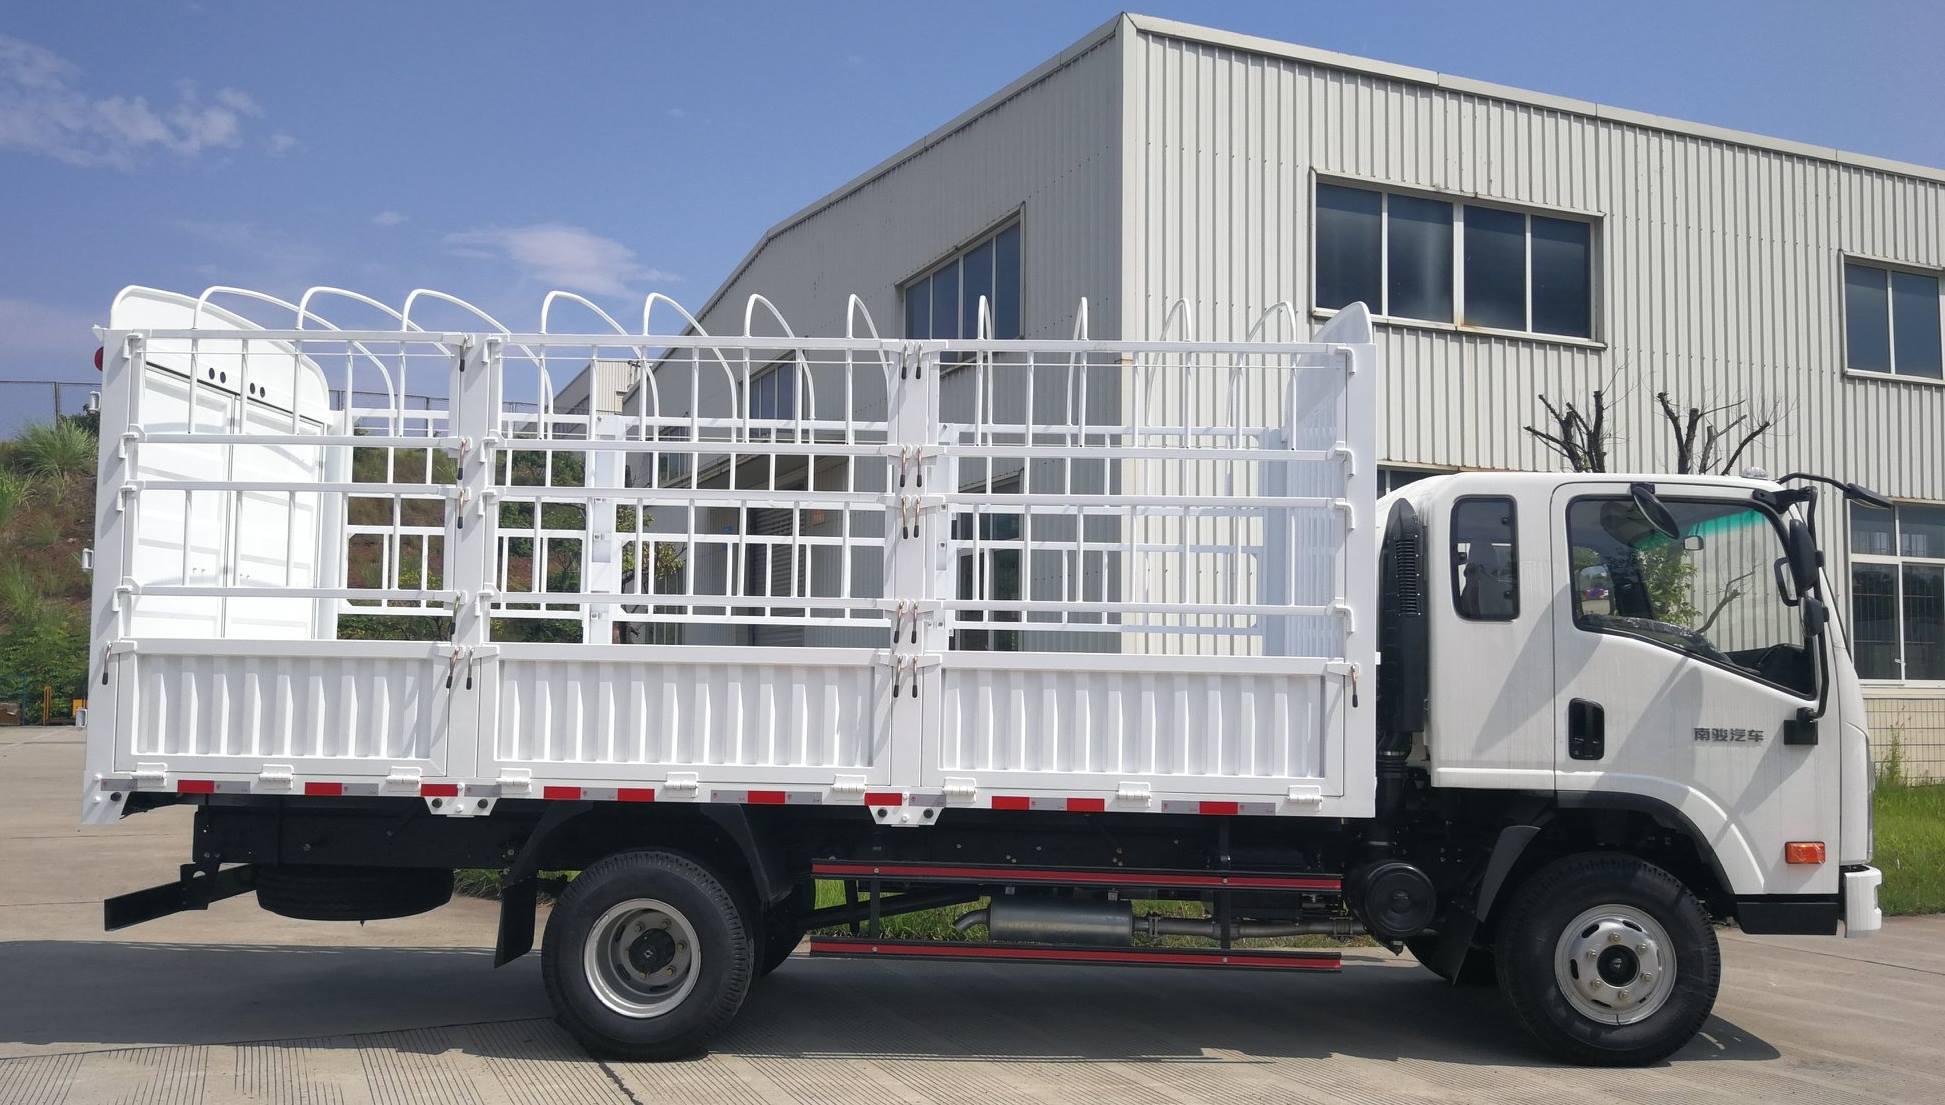 Lichte-trucks--alleenstaande-cabine--een-en-halve-cabine--dubbele-cabine-diesel-motoren-van-80-pk-tot-160-4-ton-tot-12-ton-pk26